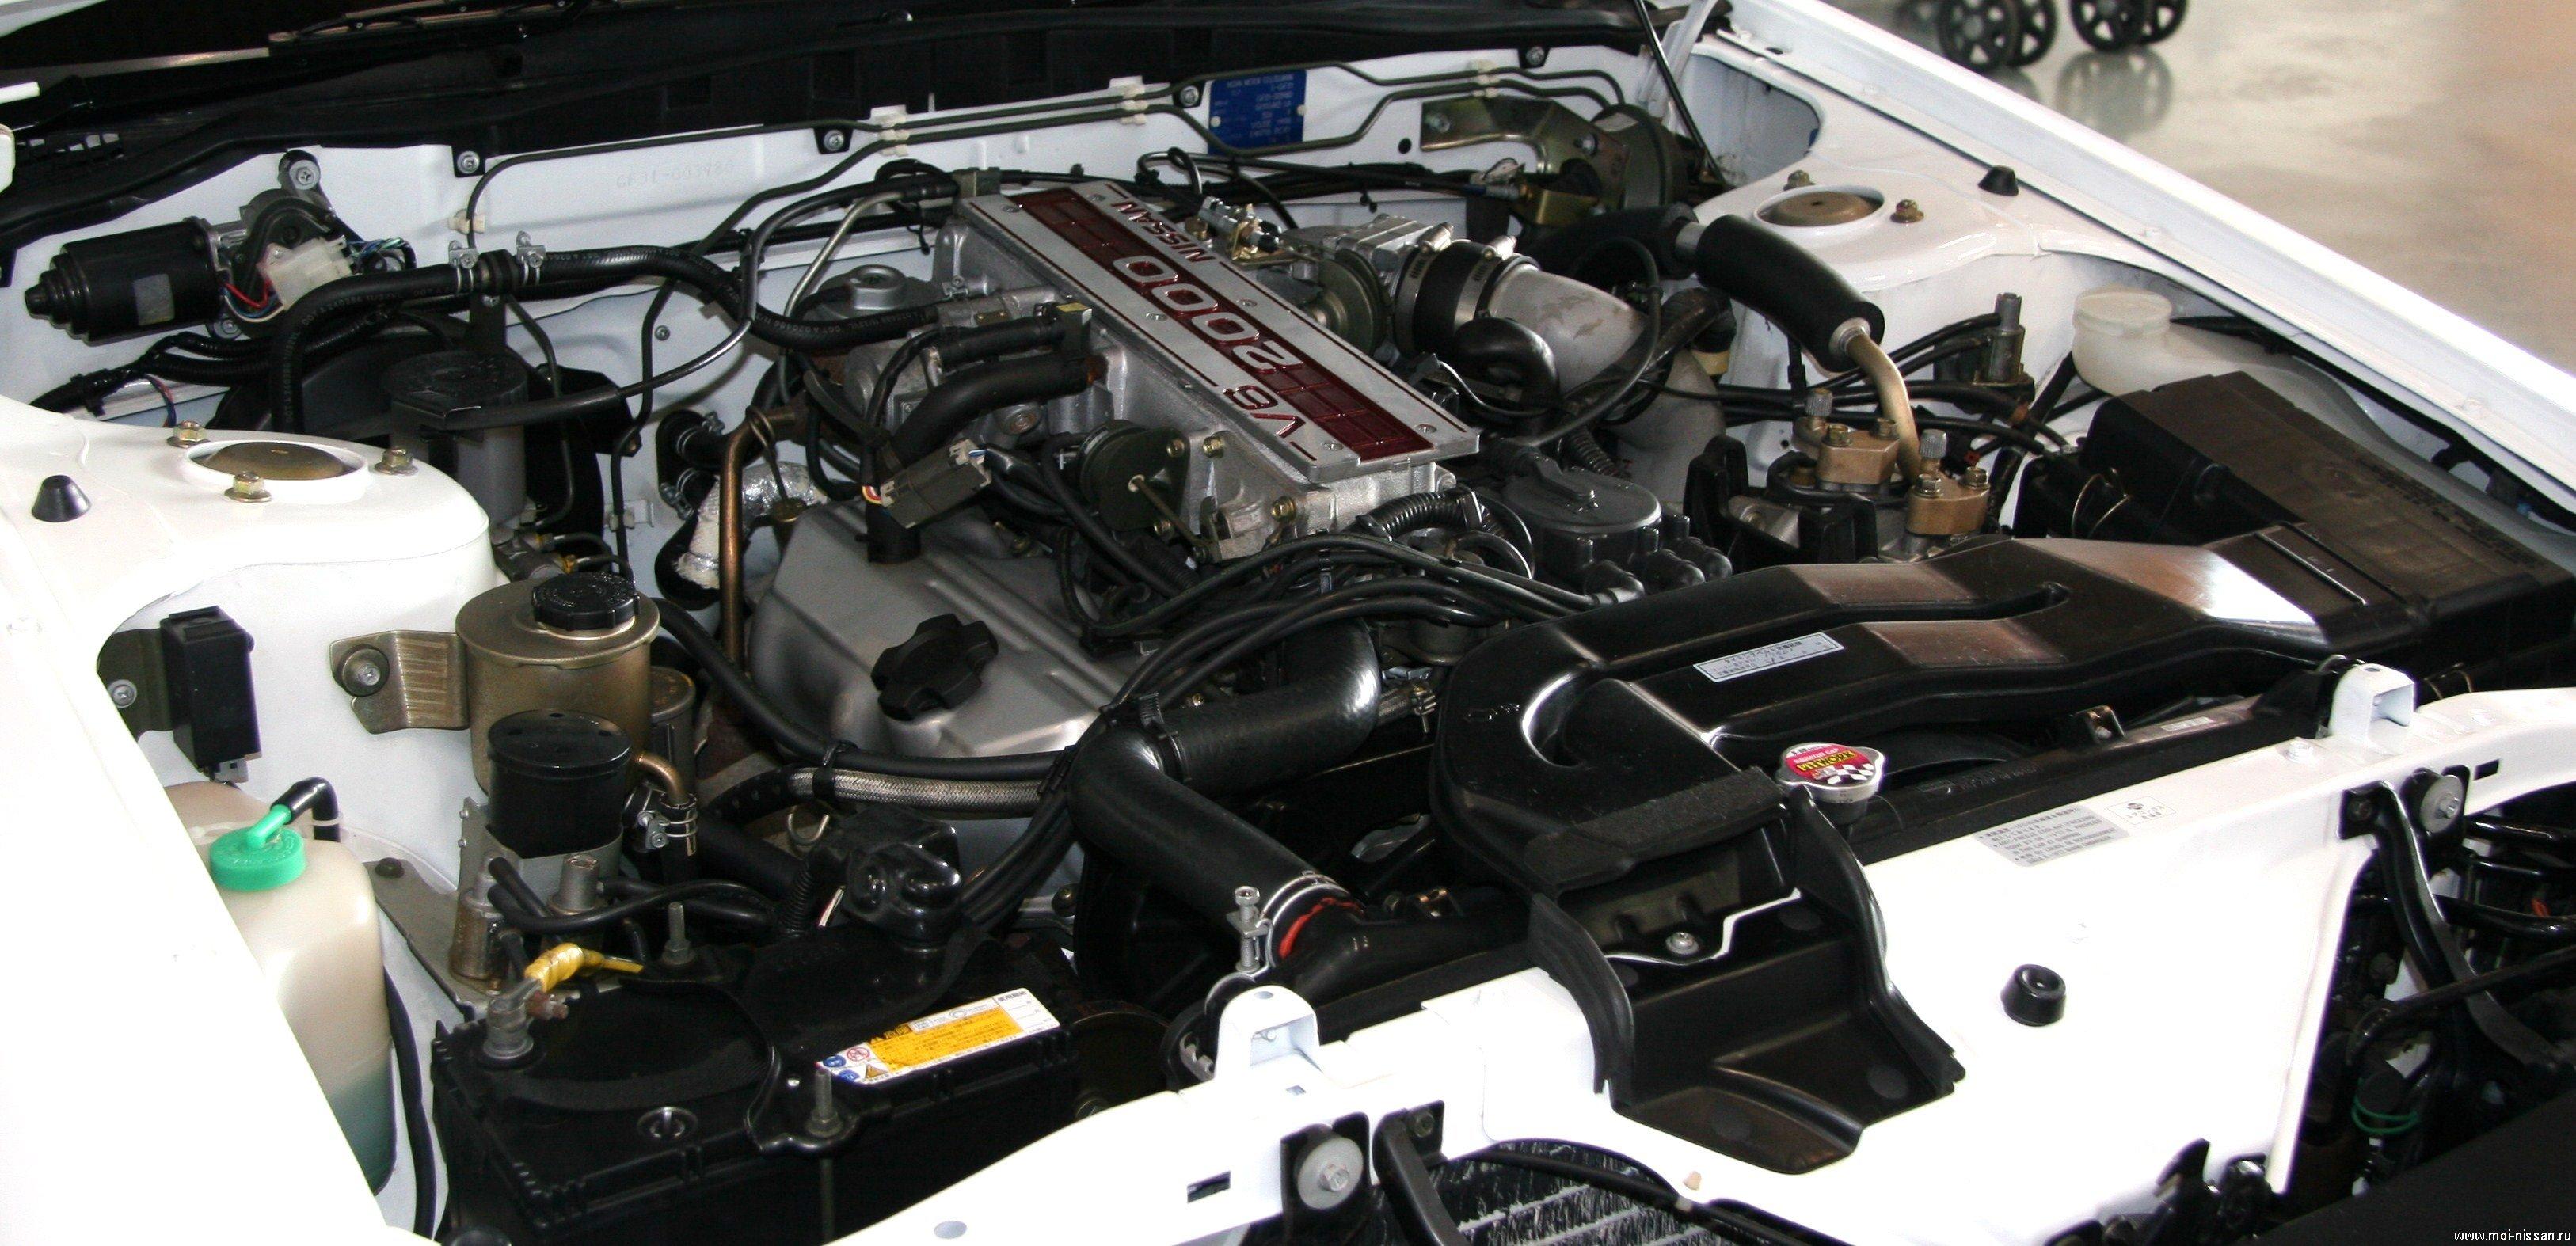 двигатель v6 порядок работы схема системы впрыска